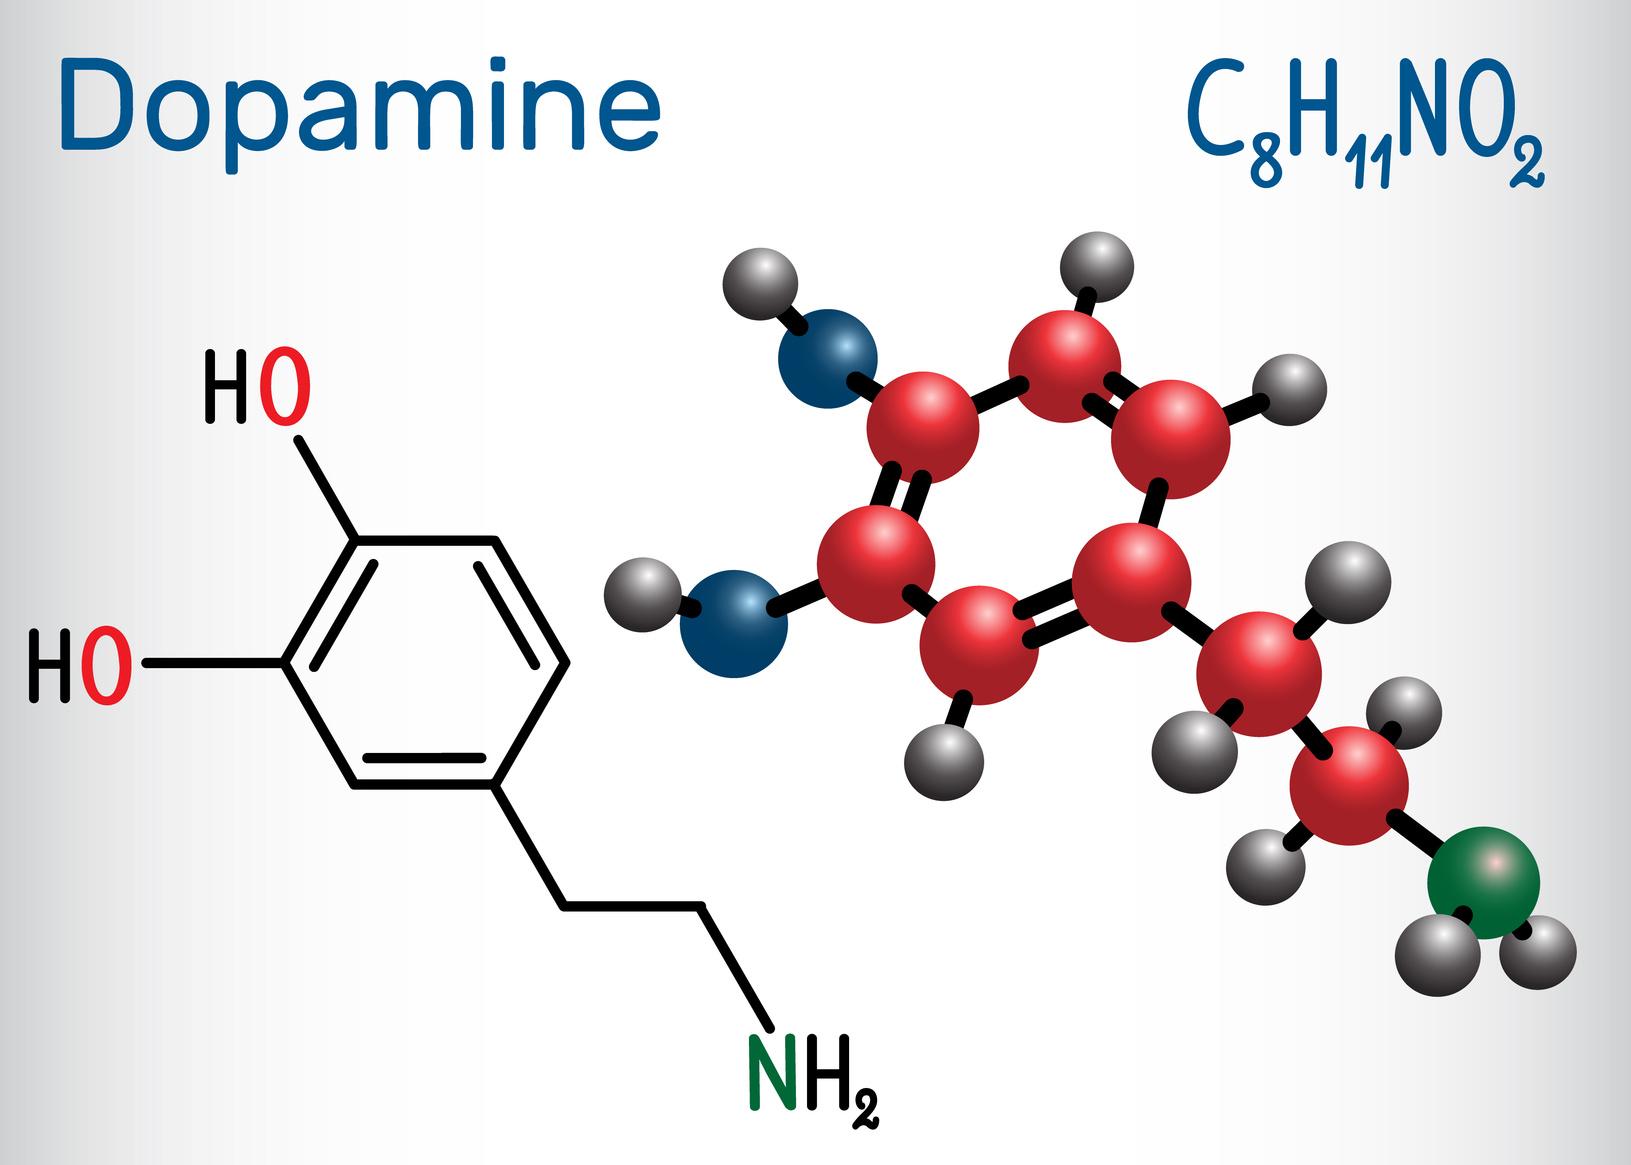 У пациентов с болезнью Паркинсона нейроны, производящие дофамин, разрушаются.